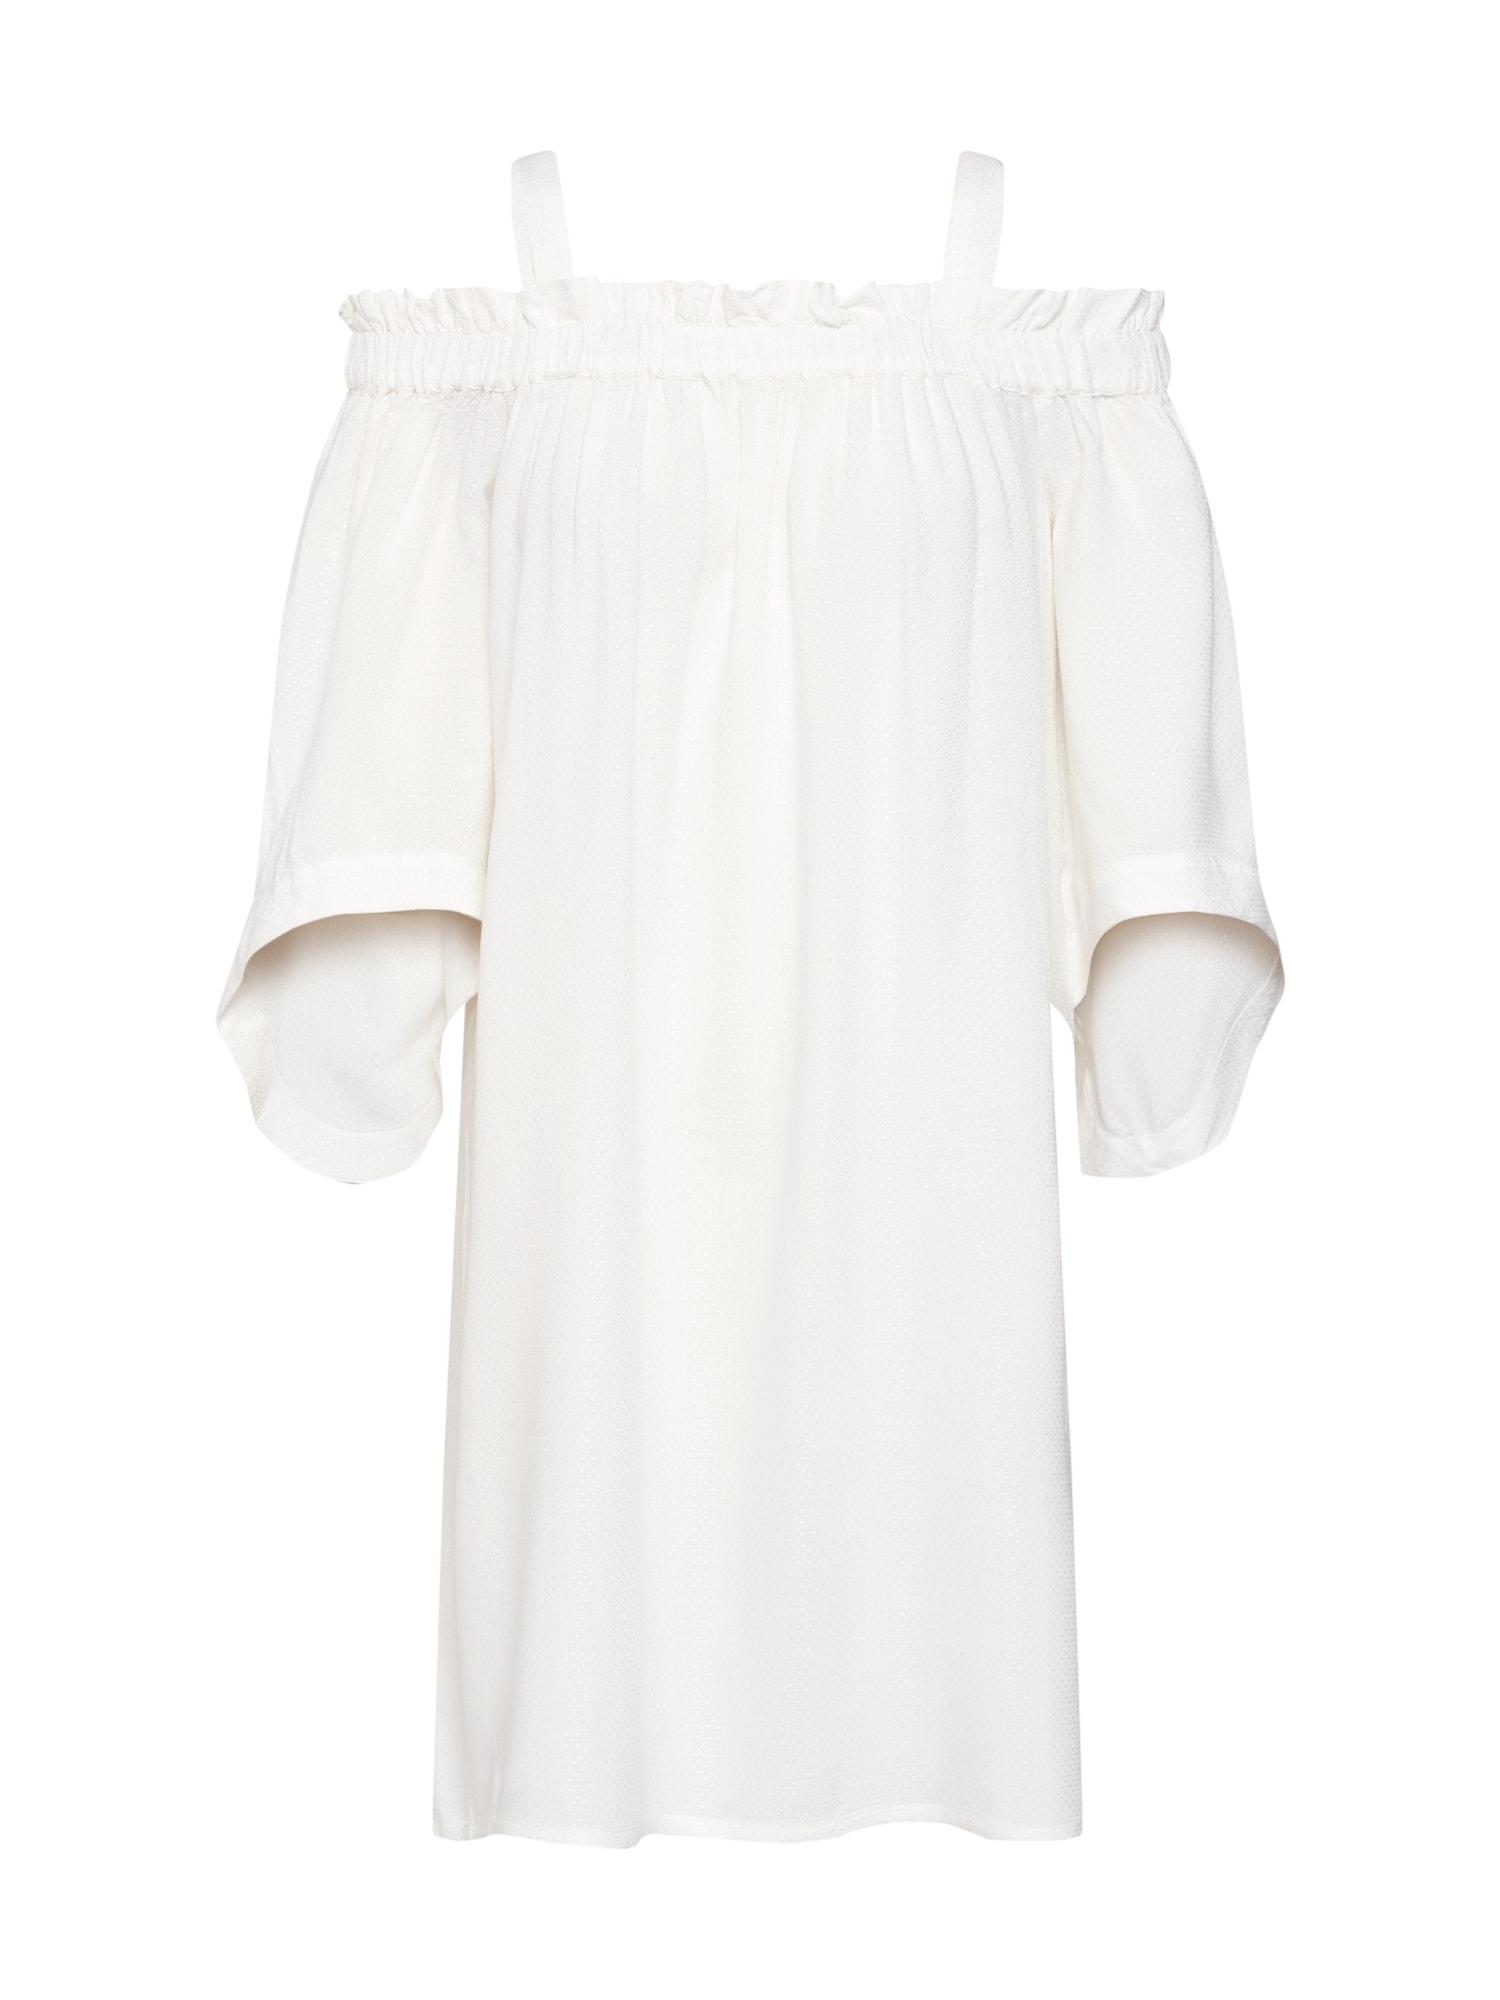 Letní šaty KYLA offwhite Noisy May